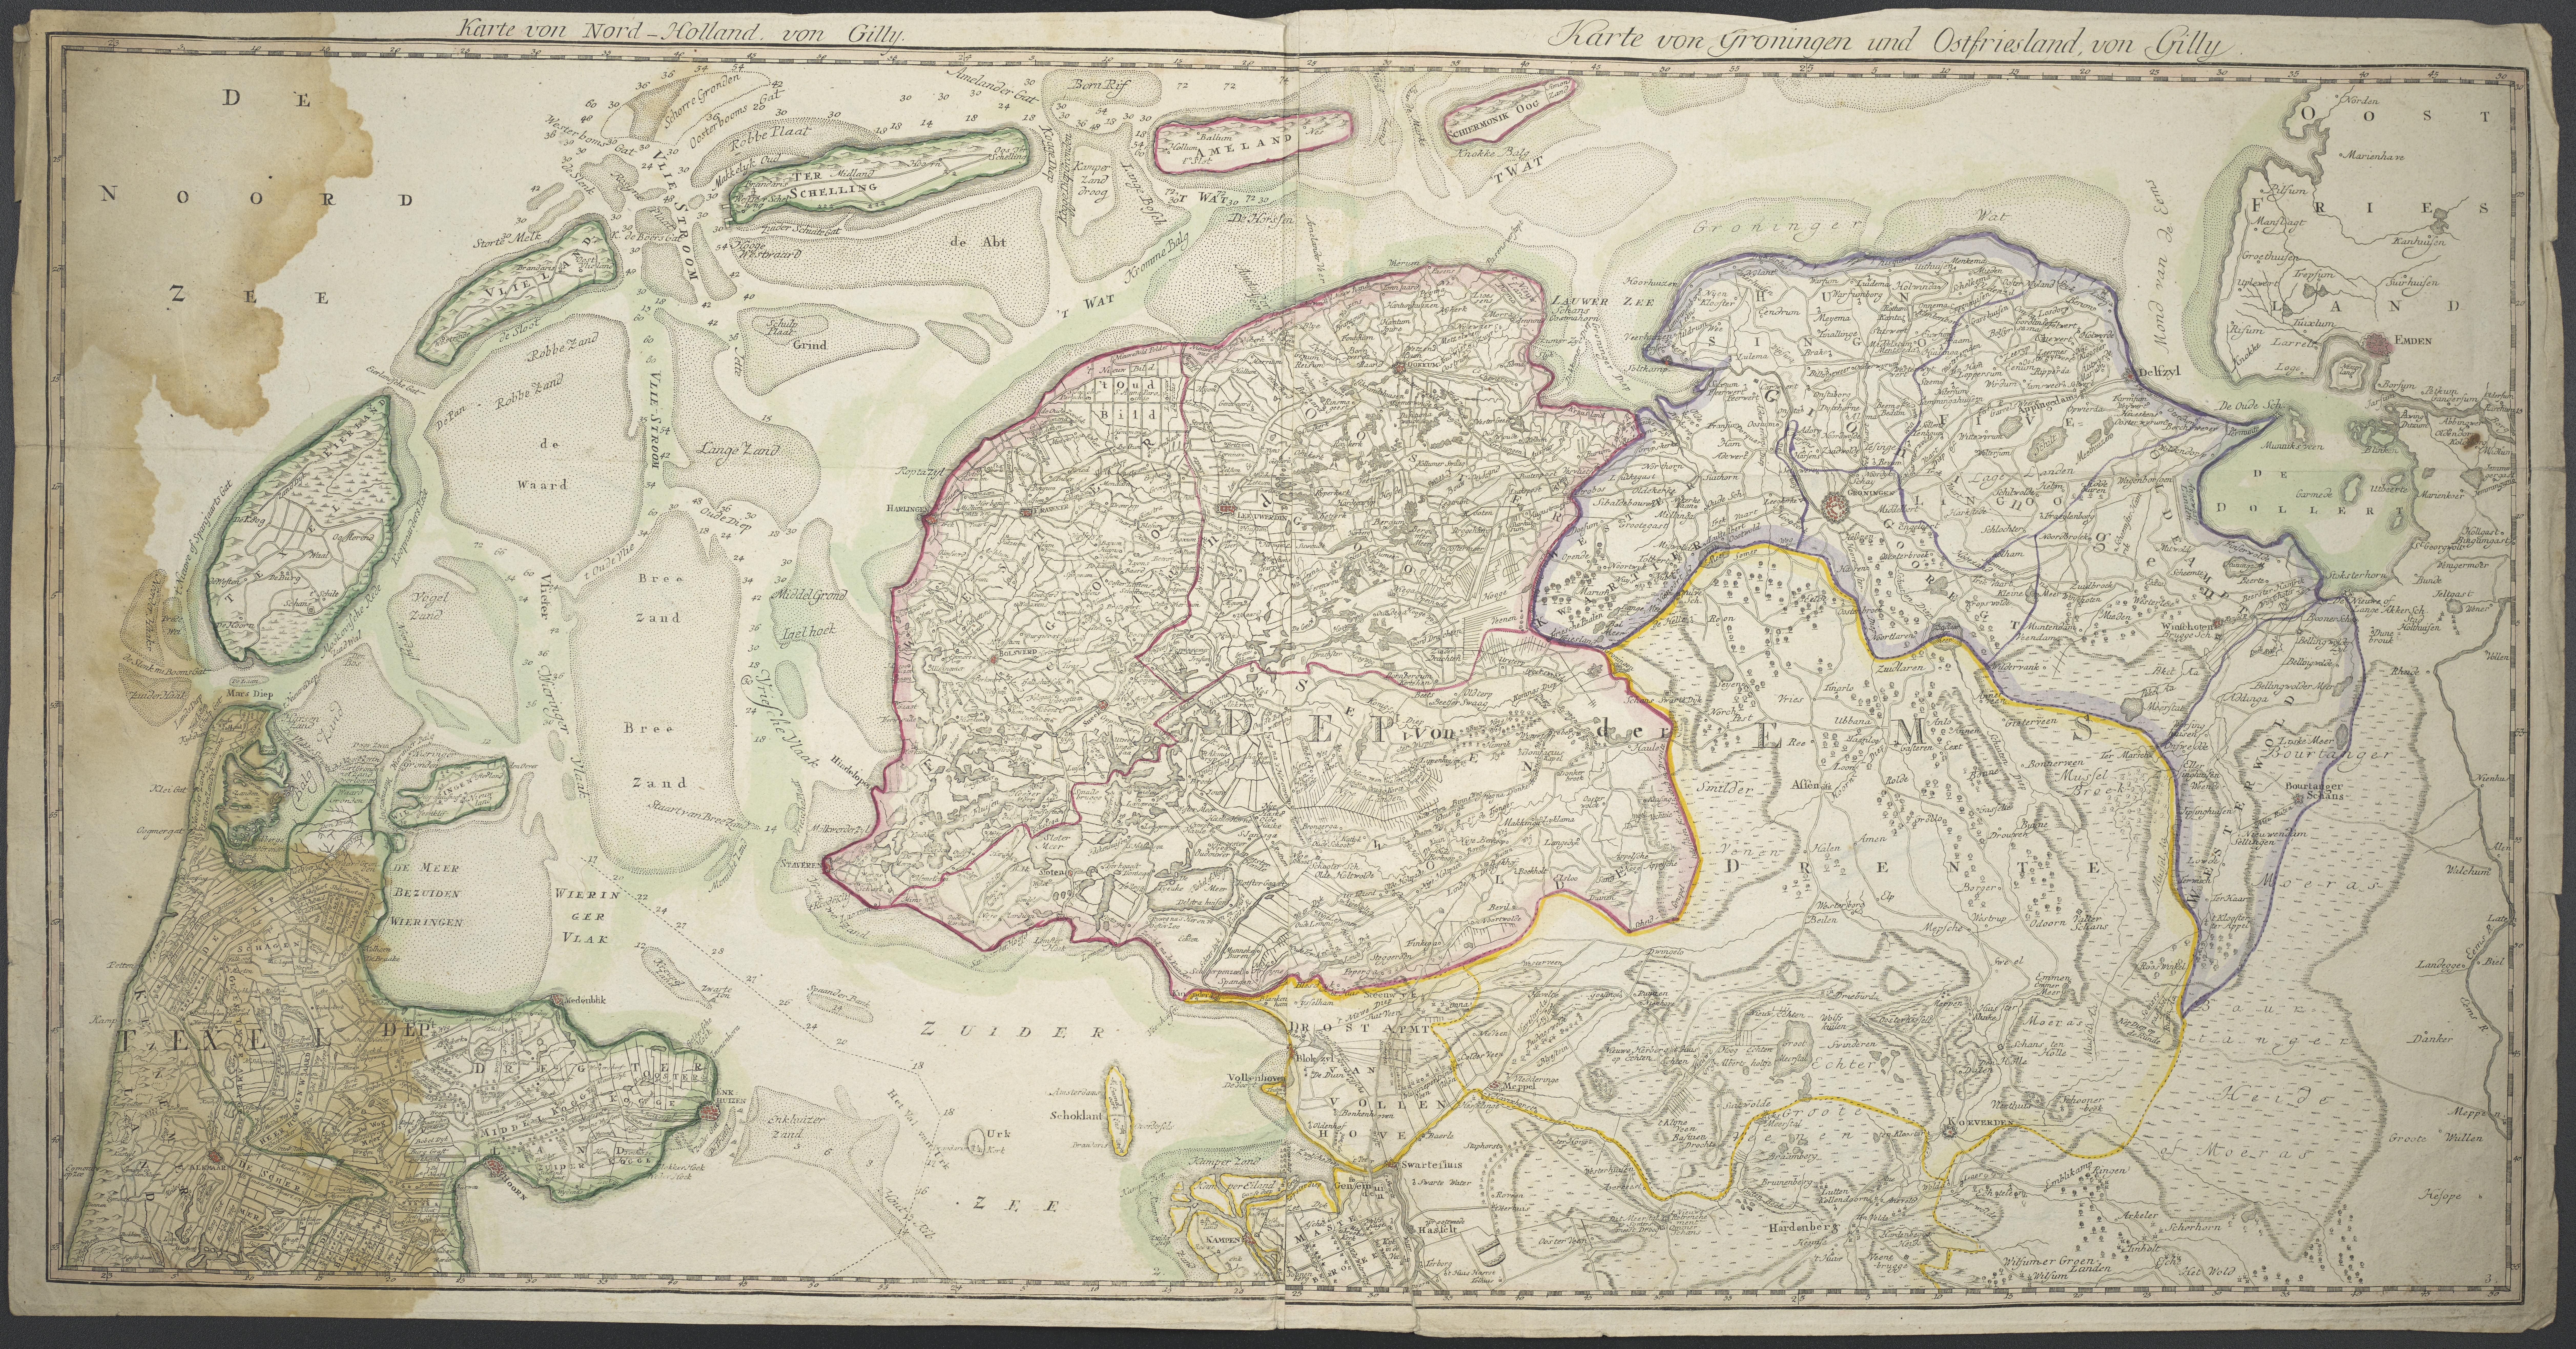 groningen holland karte File:Karte von Groningen und Ostfriesland.   Wikimedia Commons